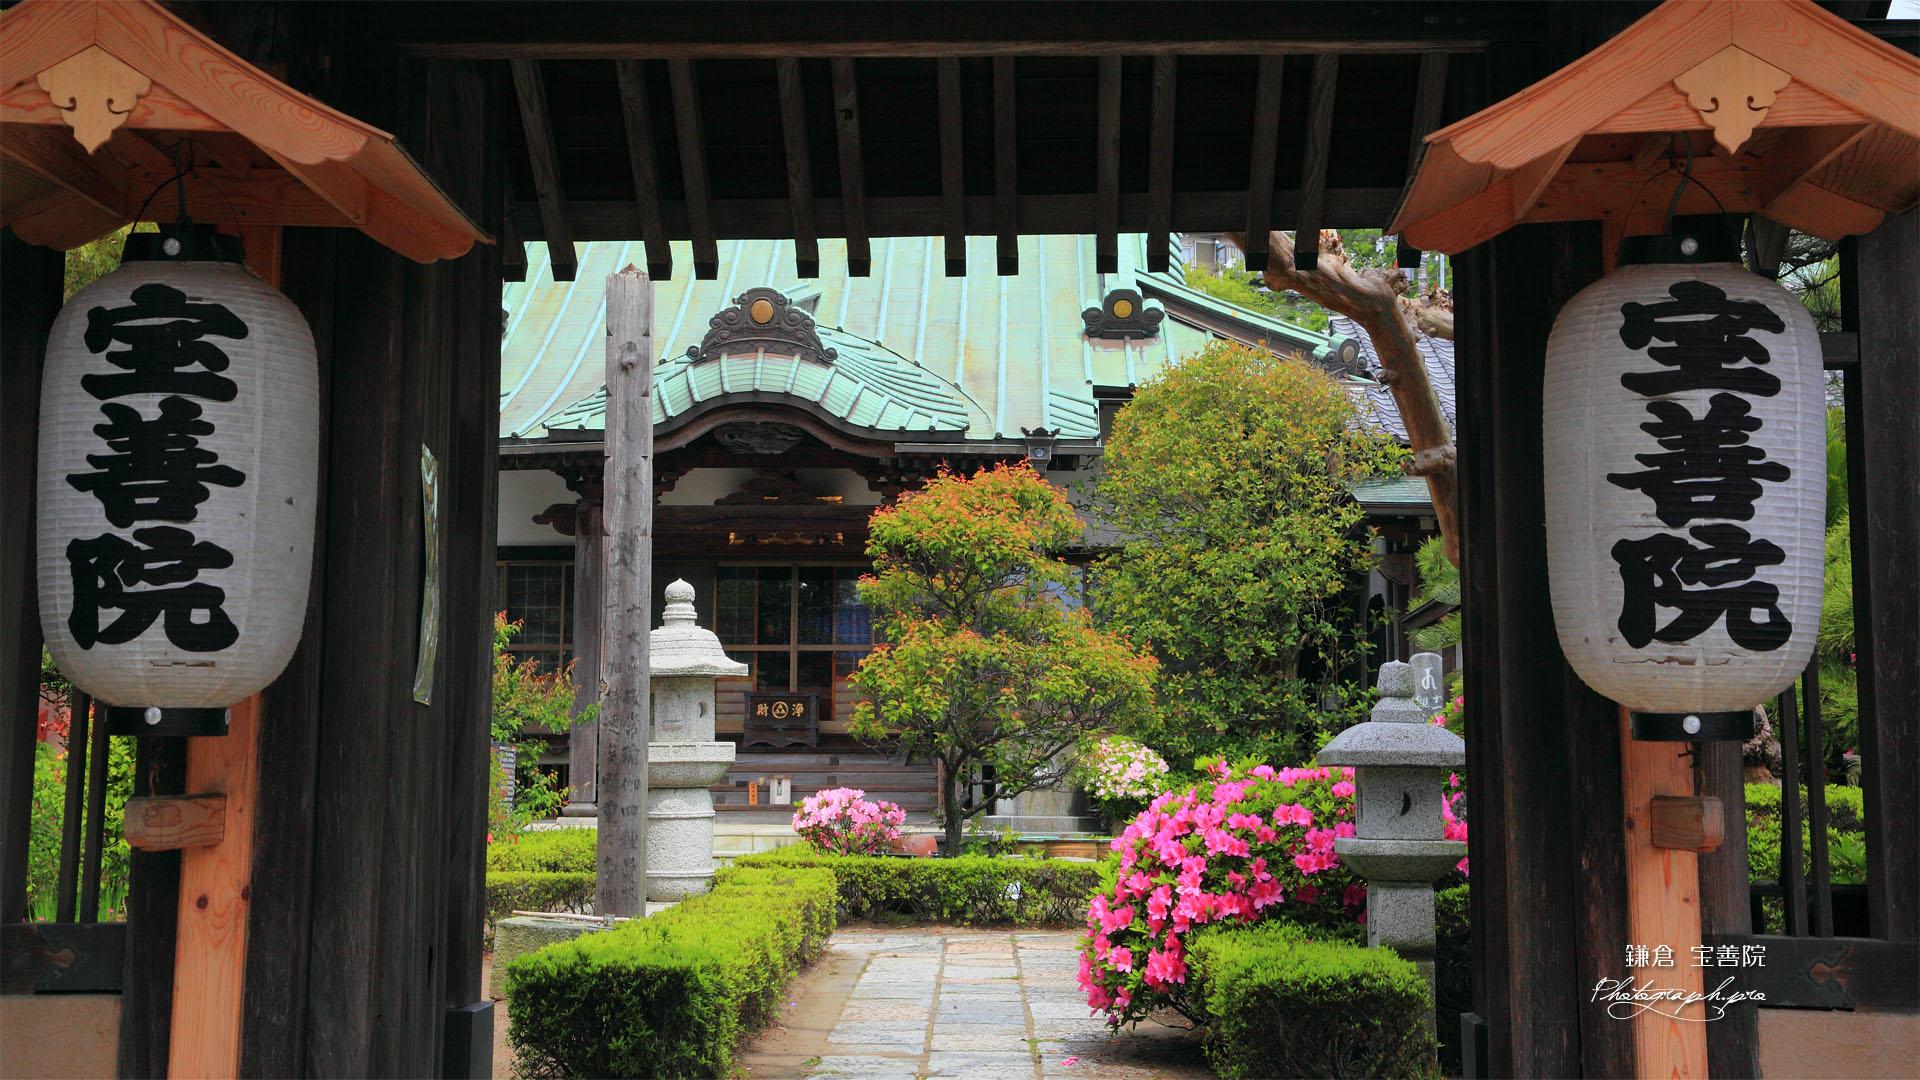 鎌倉 宝善院山門越しのツツジ